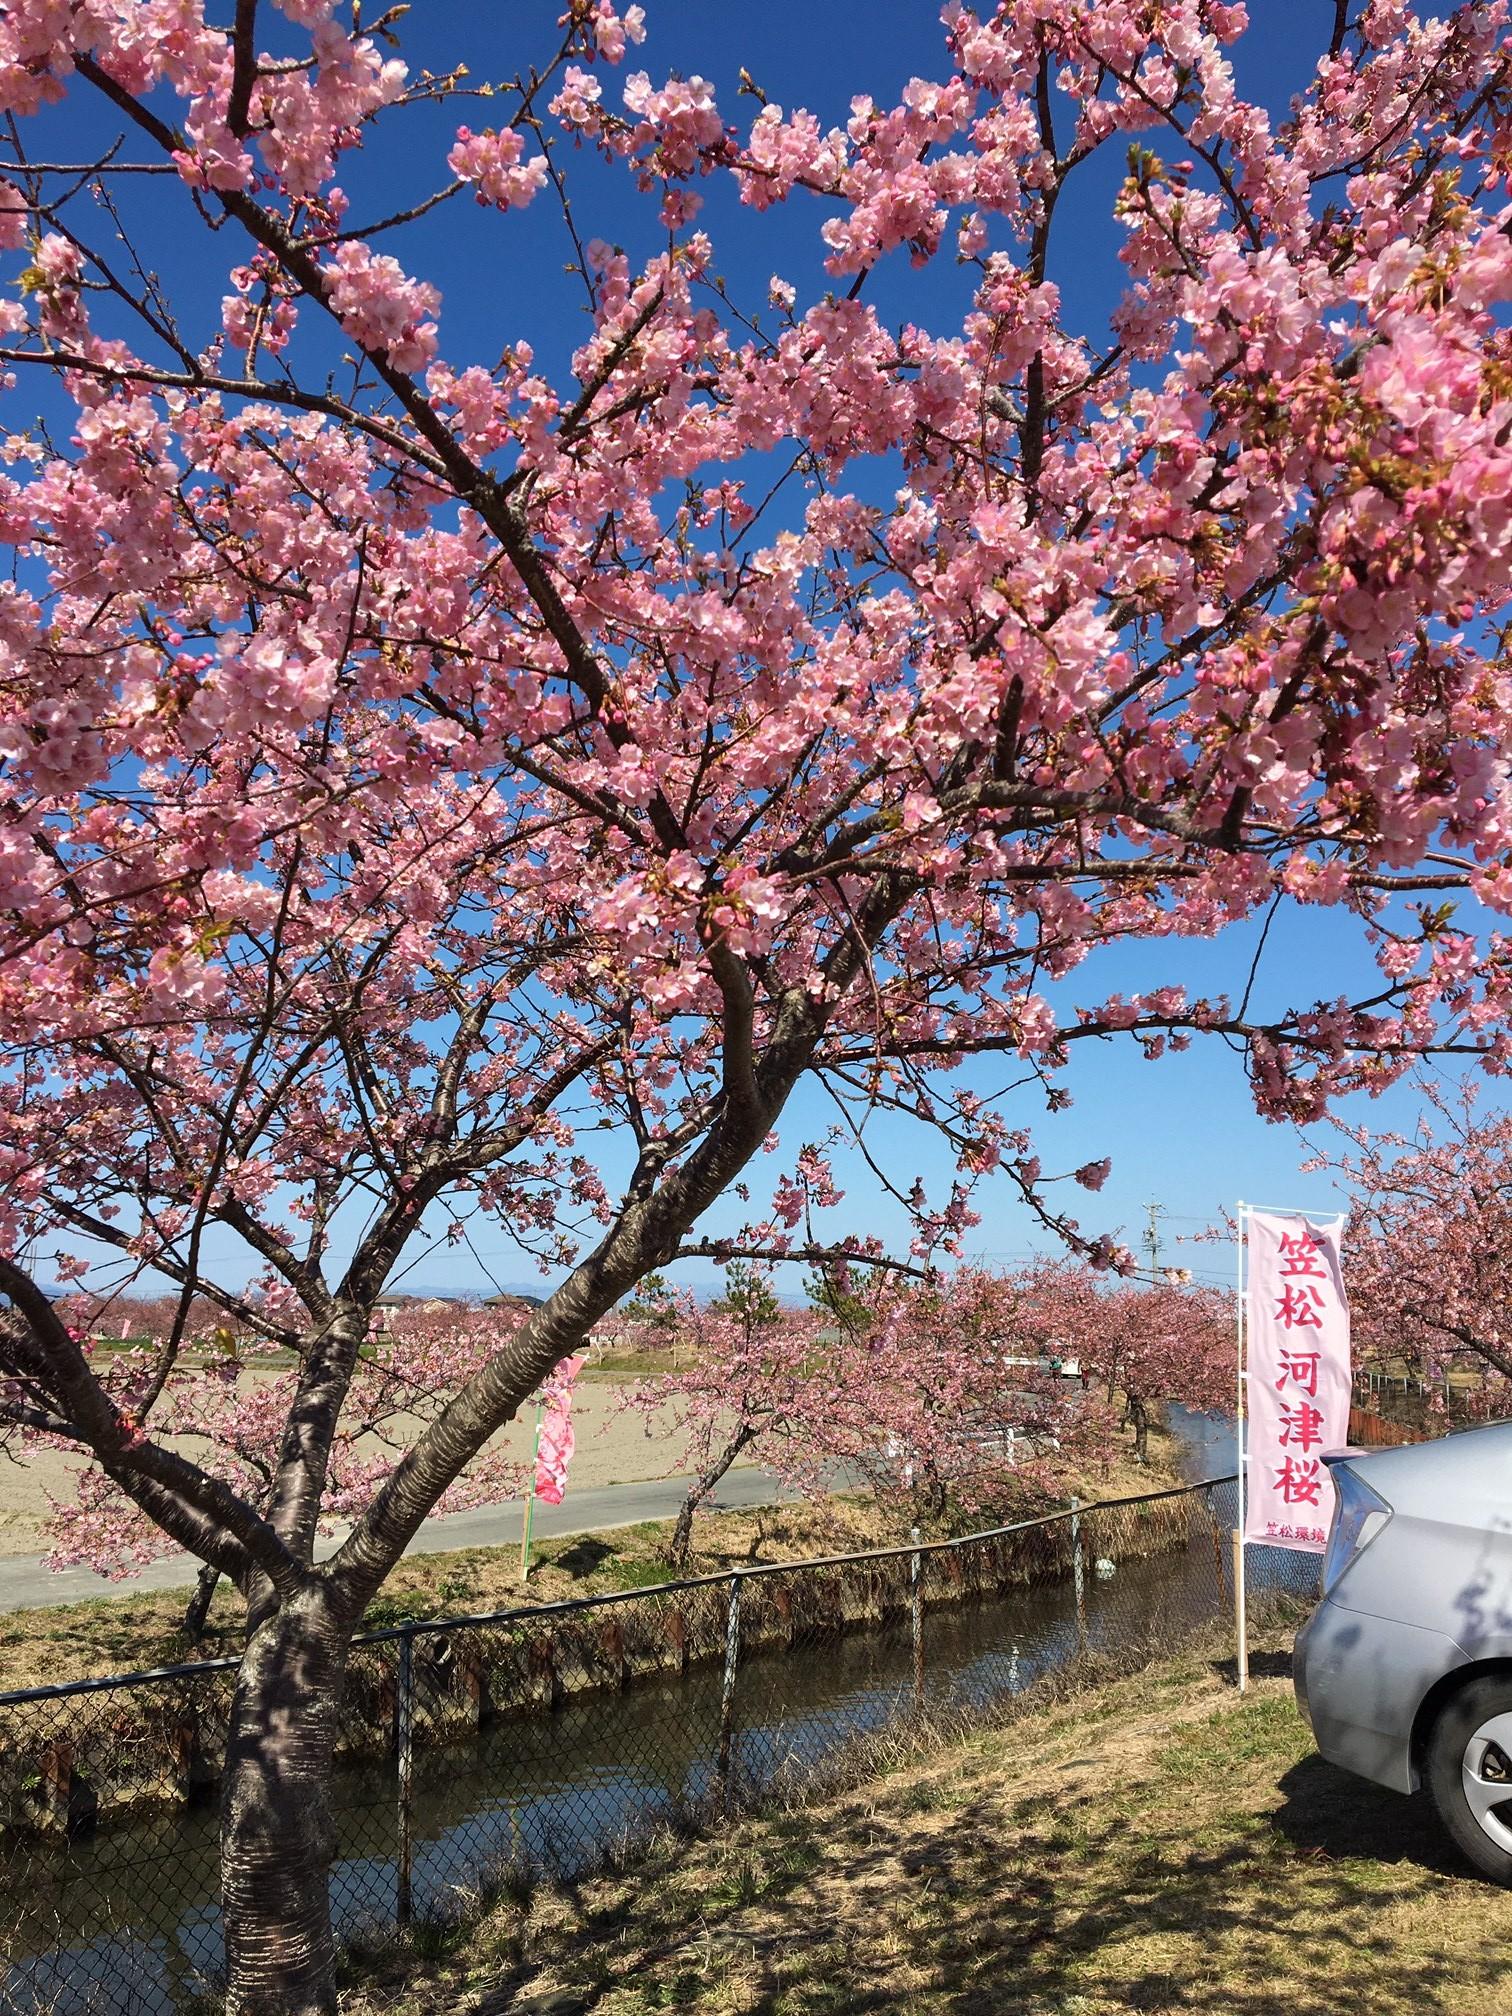 河津 桜 開花 予想 2020